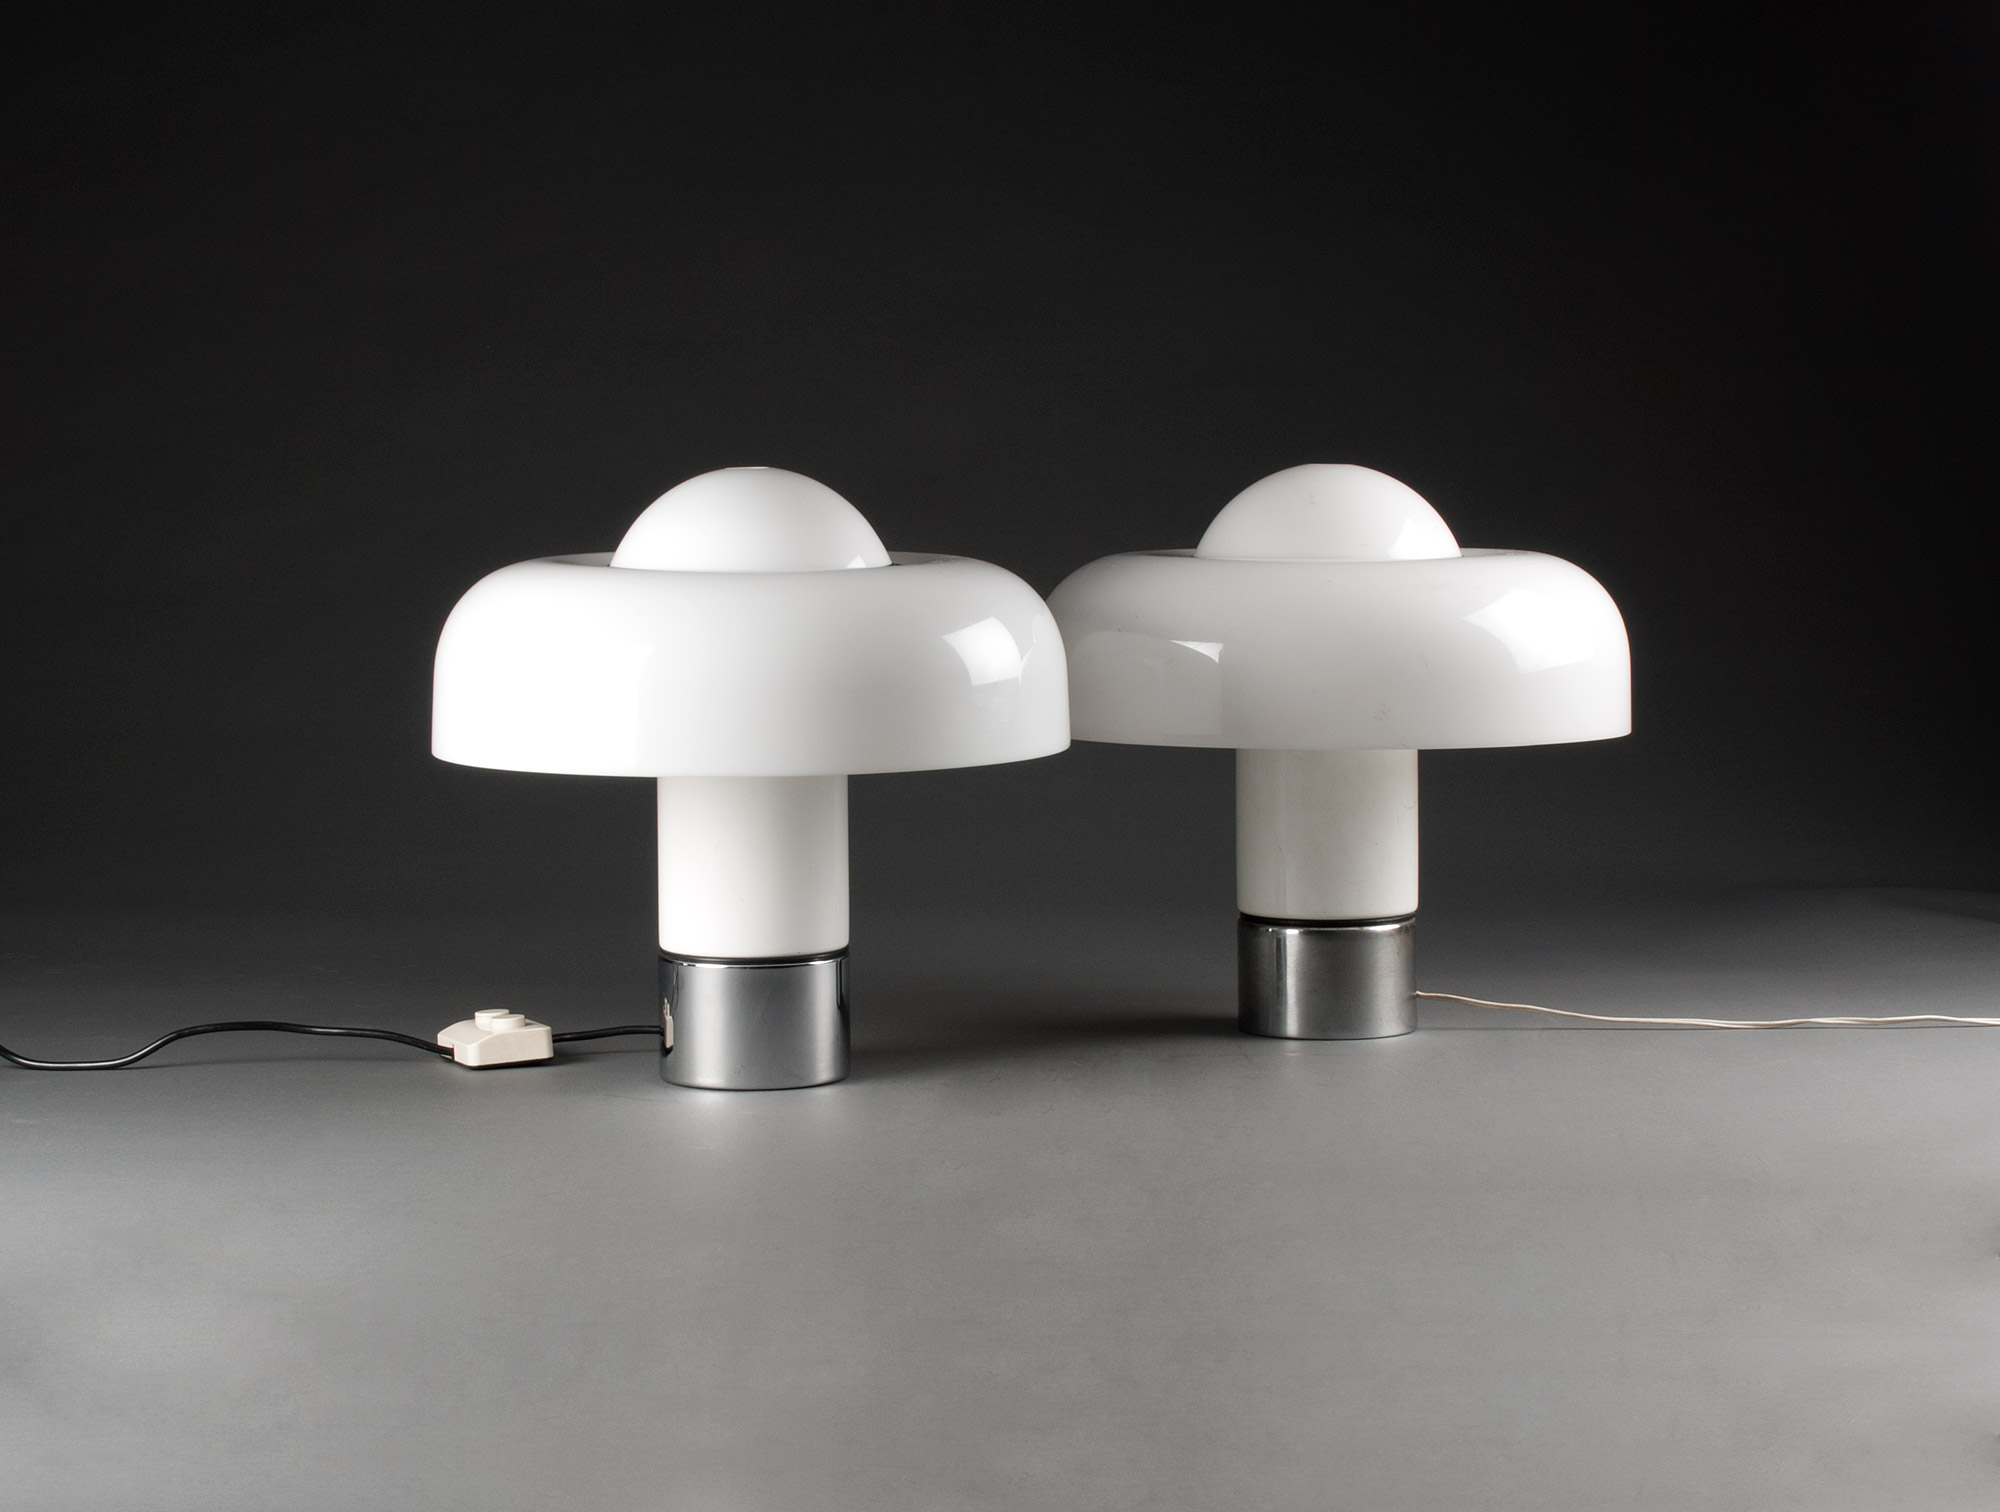 Pair Of Lamps Brumbury Soubrier Rent Lamps Lamp Xxth